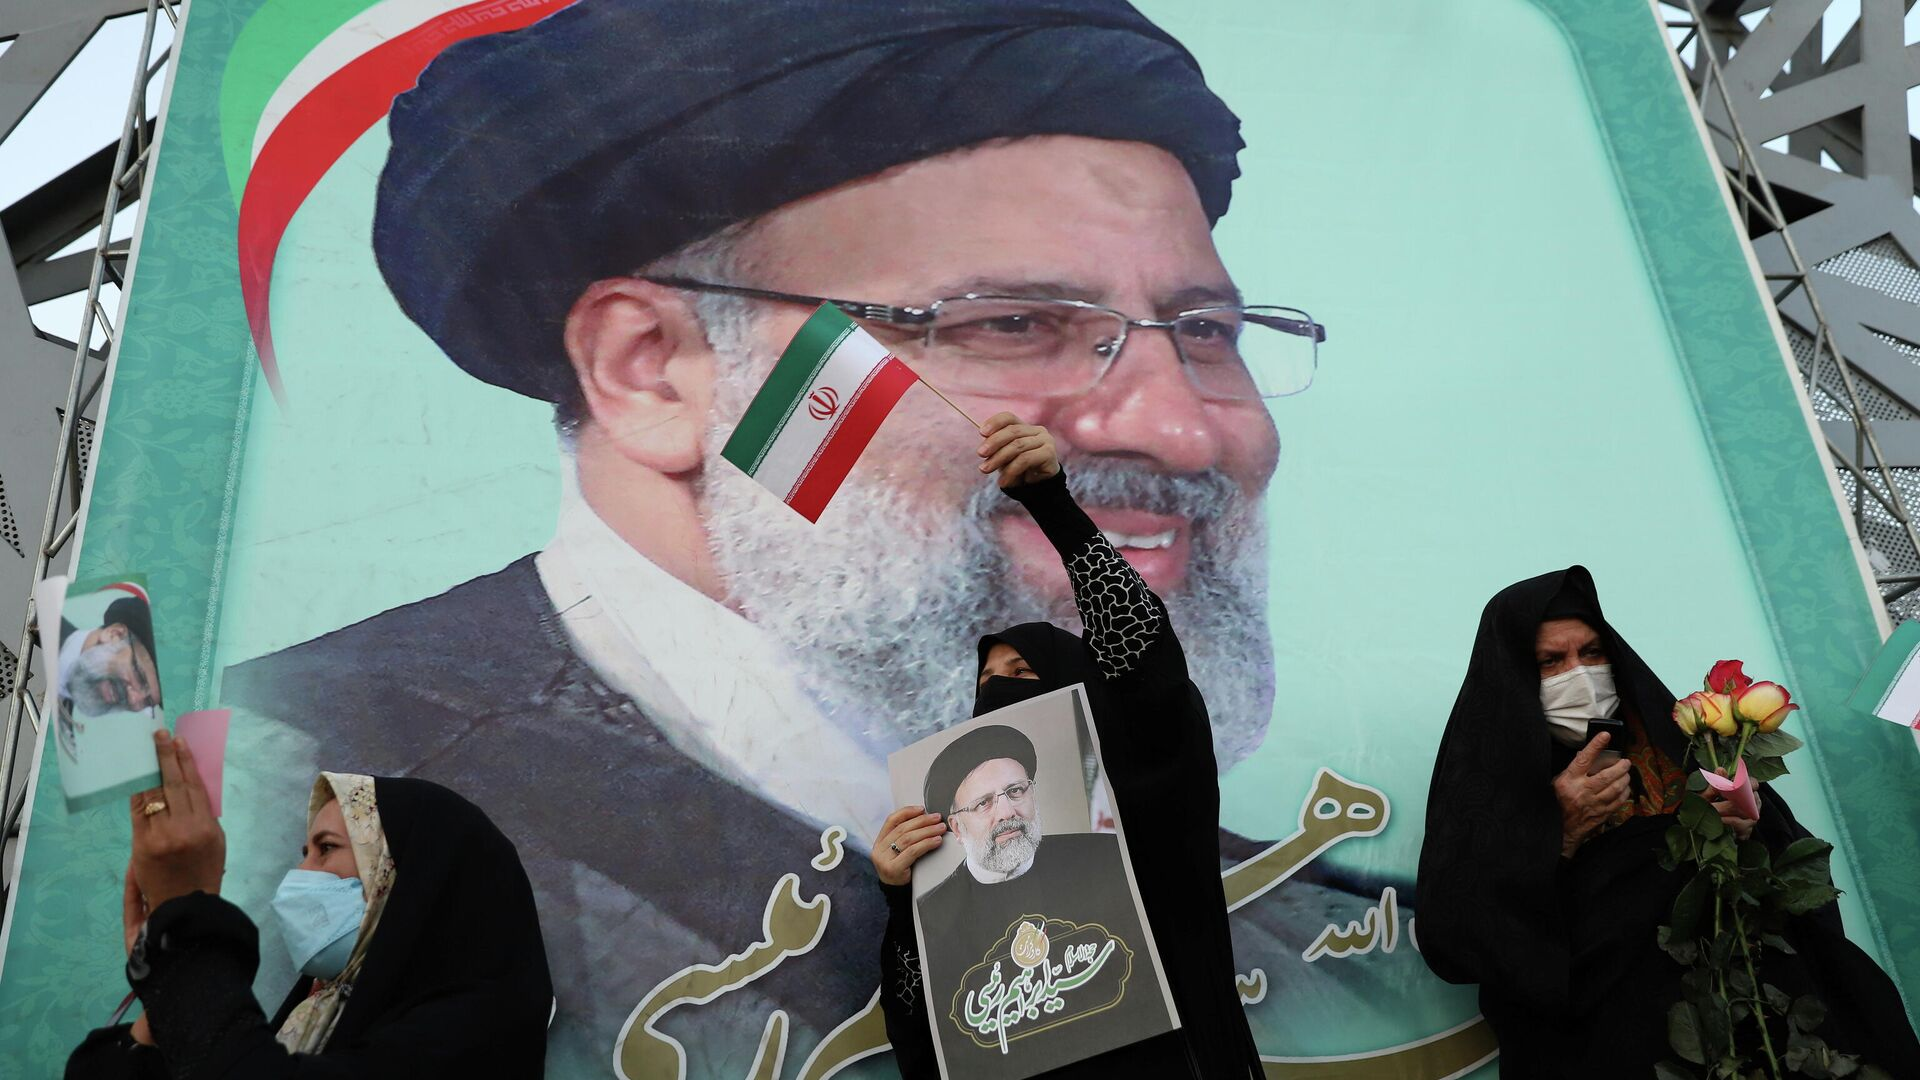 Partidarios del presidente electo de Irán, Ibrahim Raisi - Sputnik Mundo, 1920, 21.06.2021